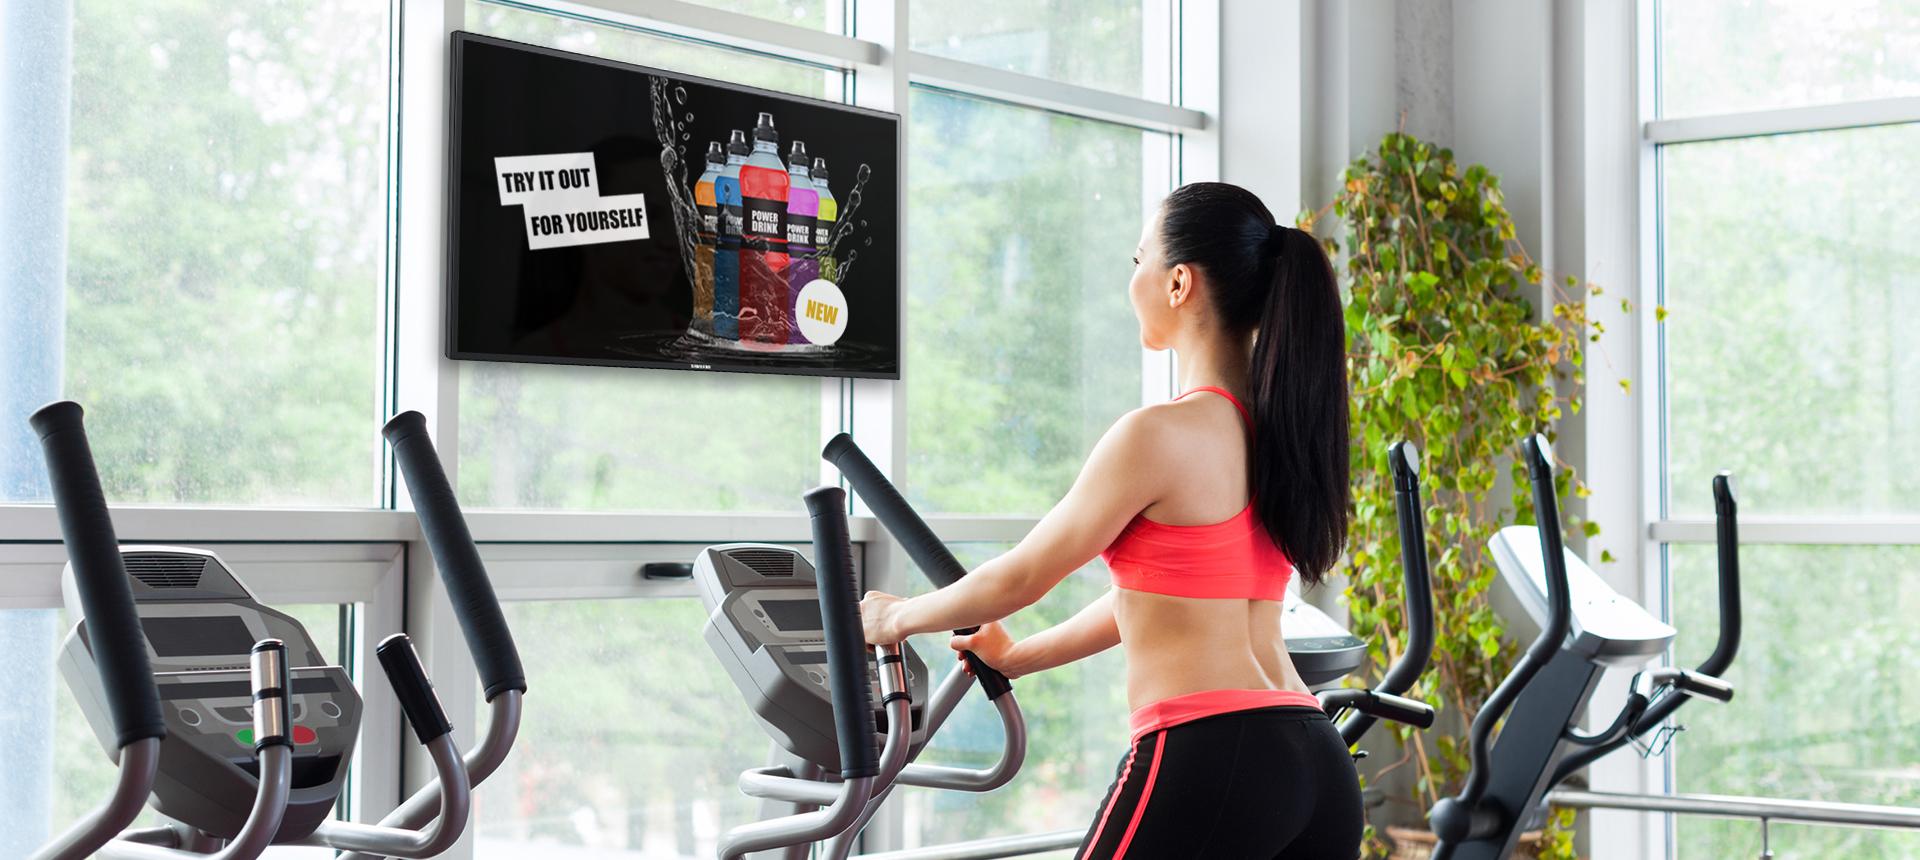 Digital Signage für Fitnessstudios mit einem Fitness TV